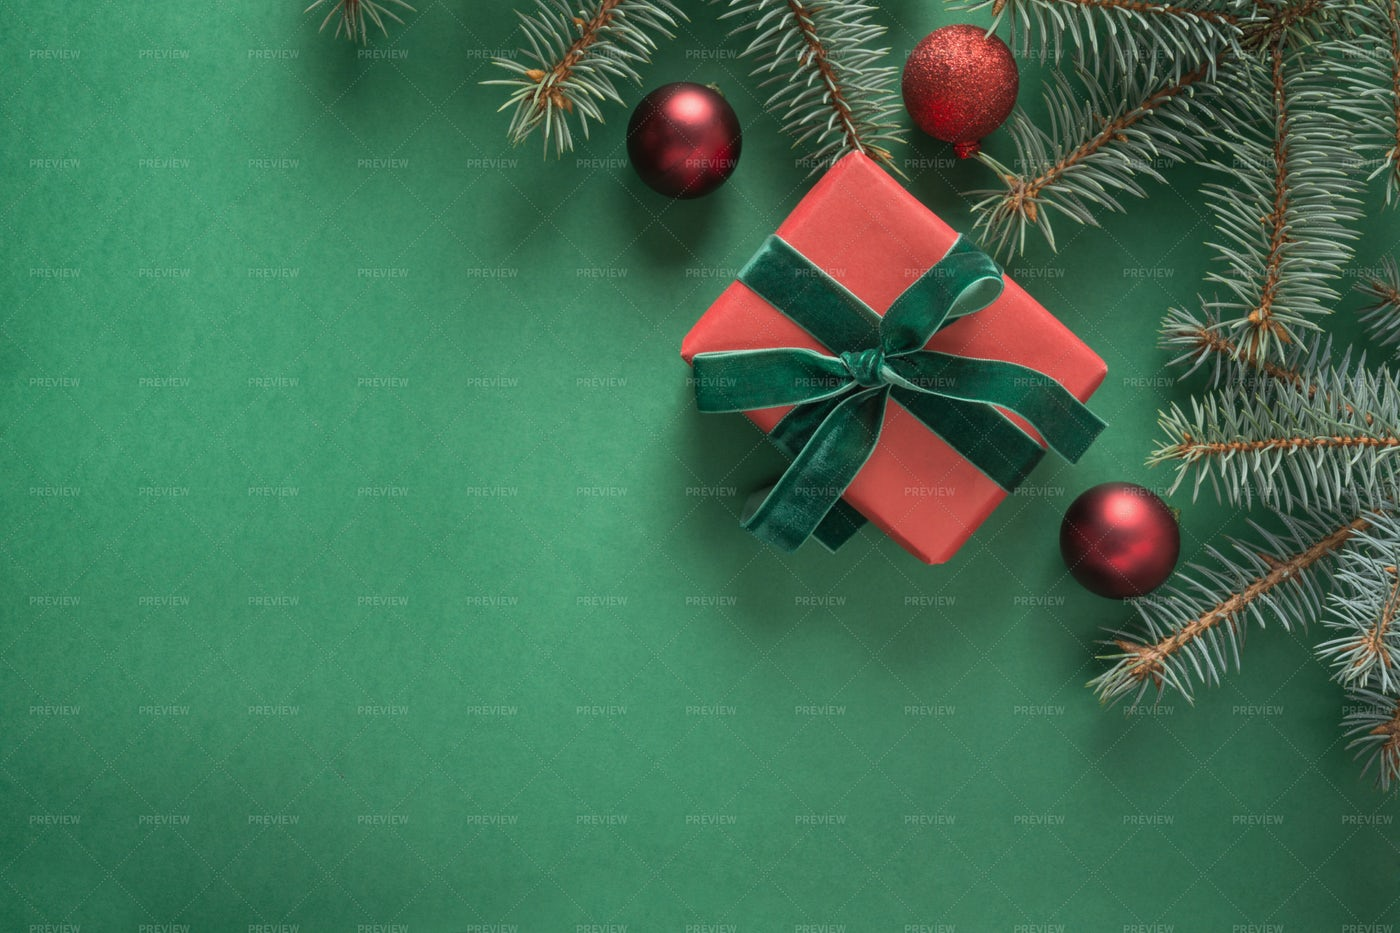 Christmas Gift On Green: Stock Photos